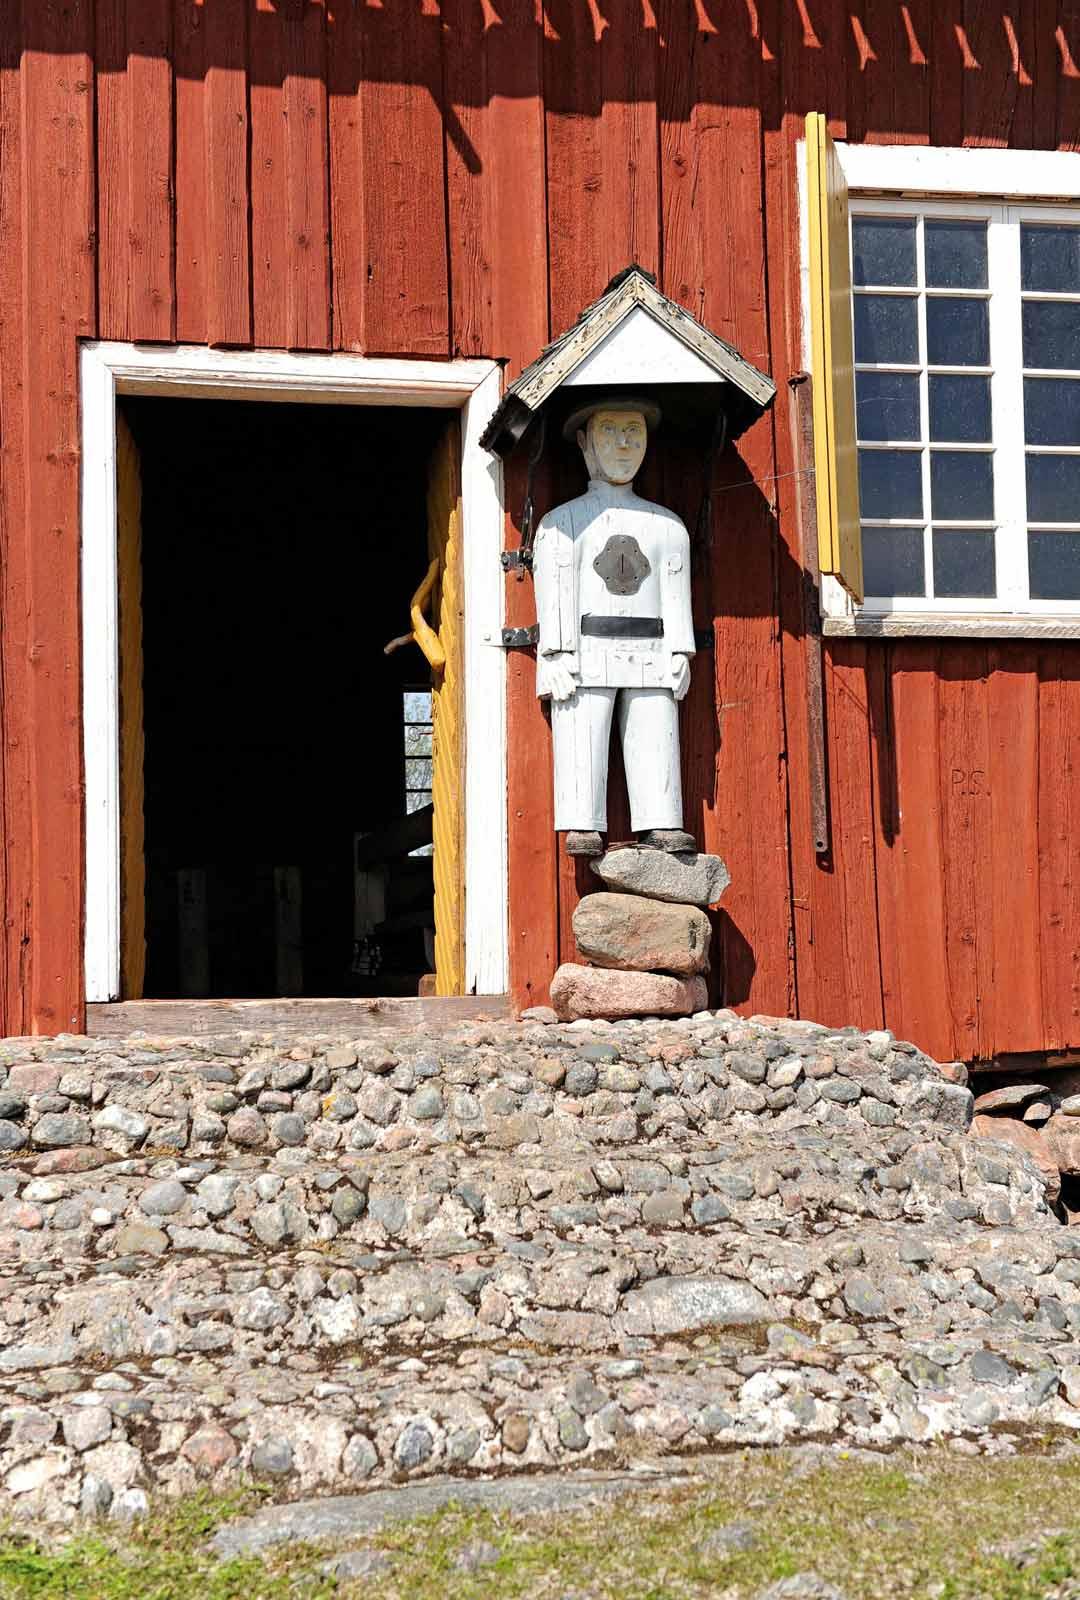 Kirkon ovella on seissyt jo yli 50 vuotta vaivaisukko, jonka veisti kalastaja ja puuseppä Ville Orell Kalajoelta.